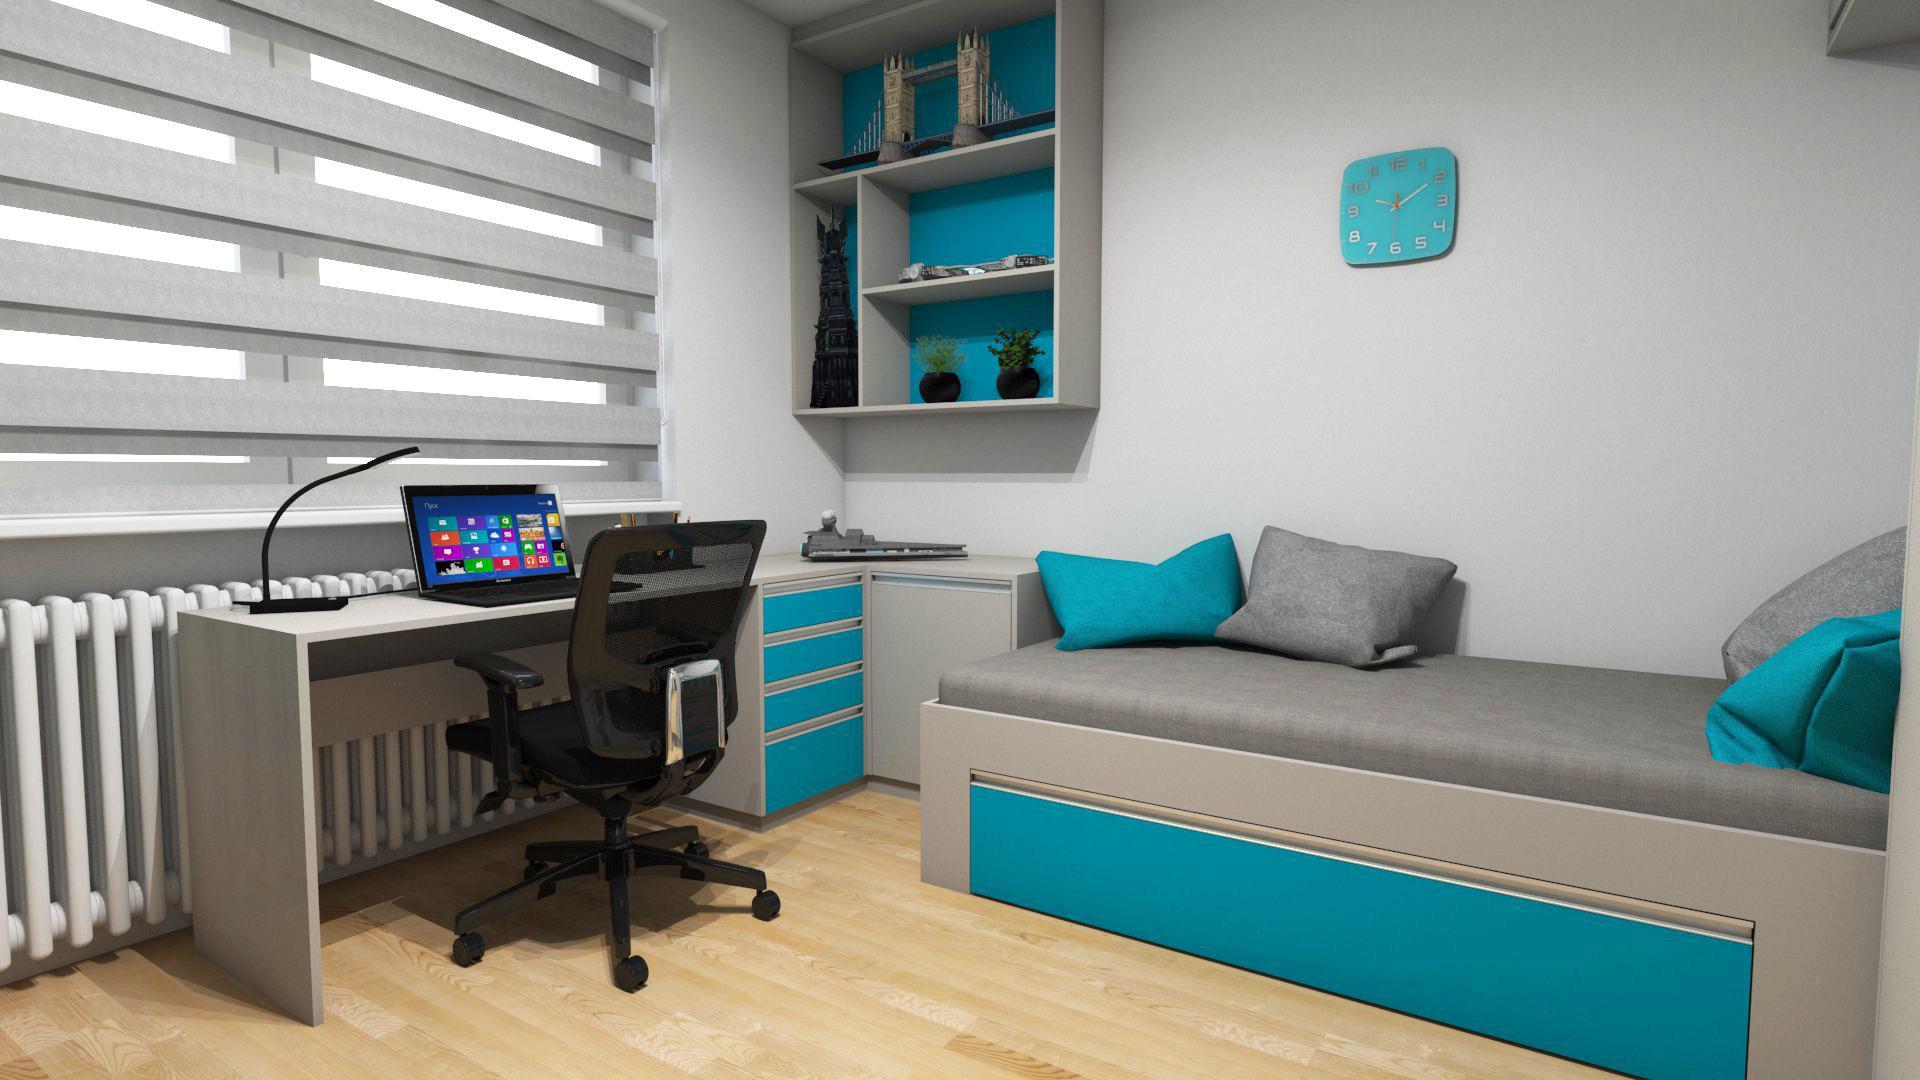 Dětské pokoje - Dětský pokoj pro studenta s 3D tapetou, sedačkou. Barevná kombinace šedé tóny doplněné o tyrkysově modrou.